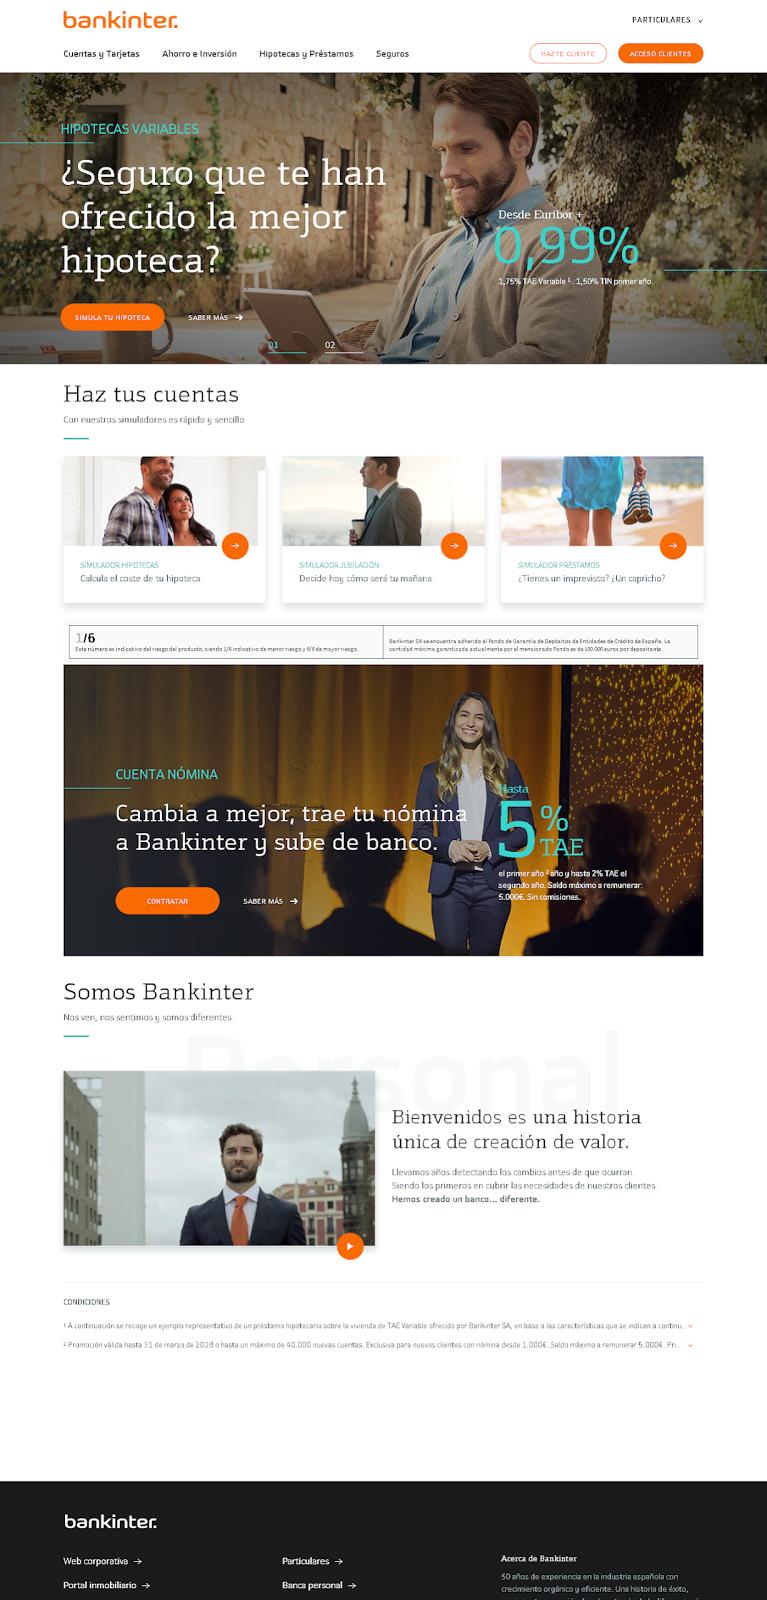 Página principal de Bankinter